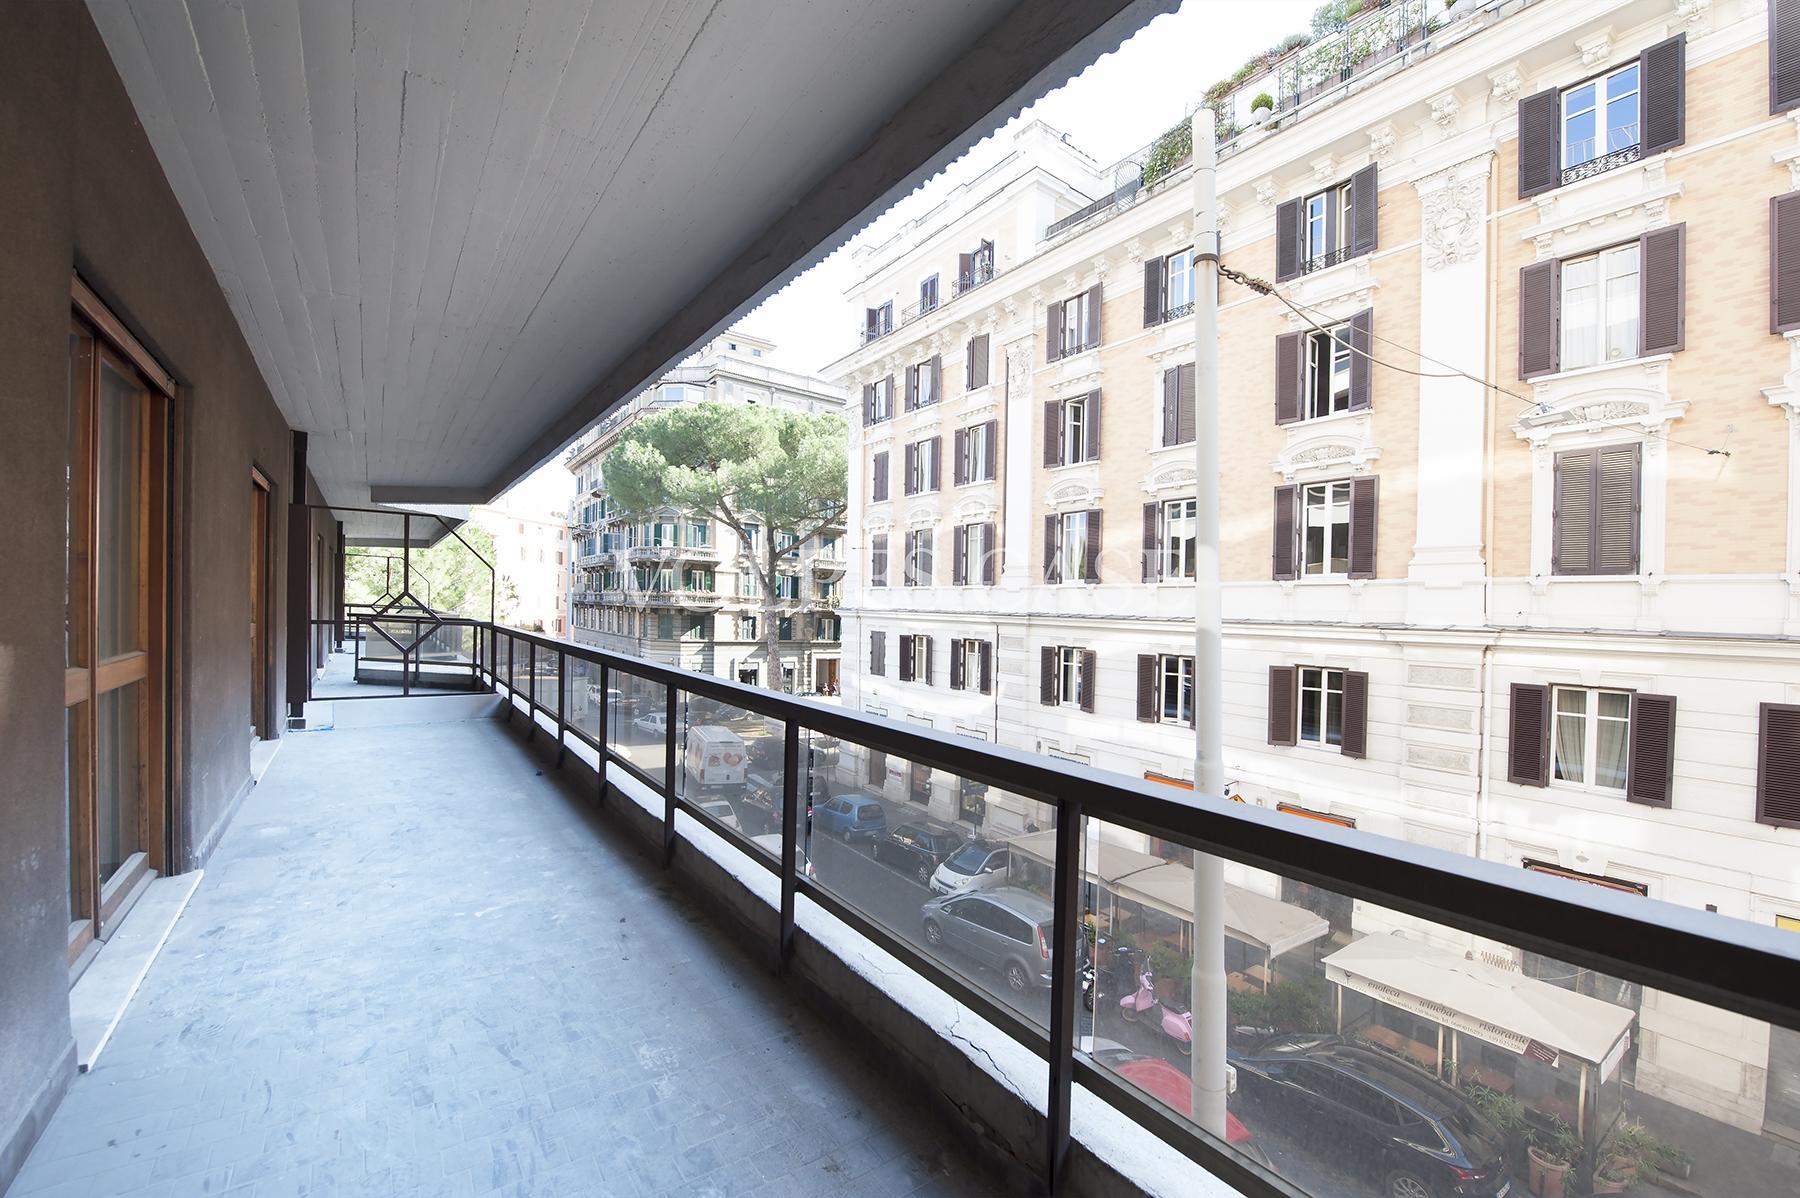 Appartamento in vendita a roma cod v45 3461 for Planimetria dell appartamento in vendita